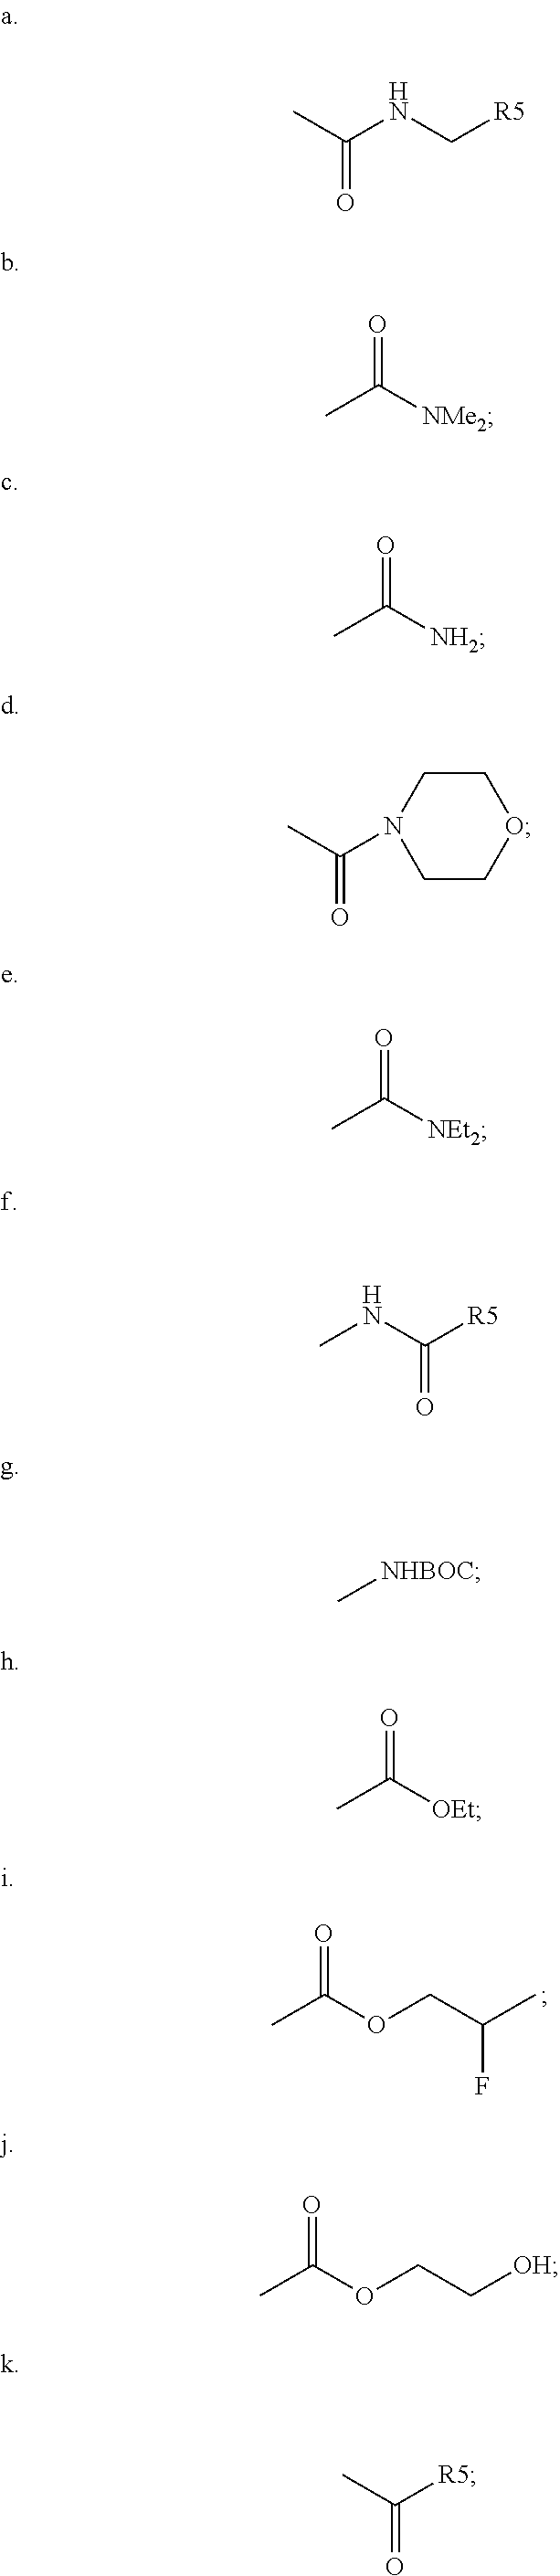 Figure US09200038-20151201-C00010